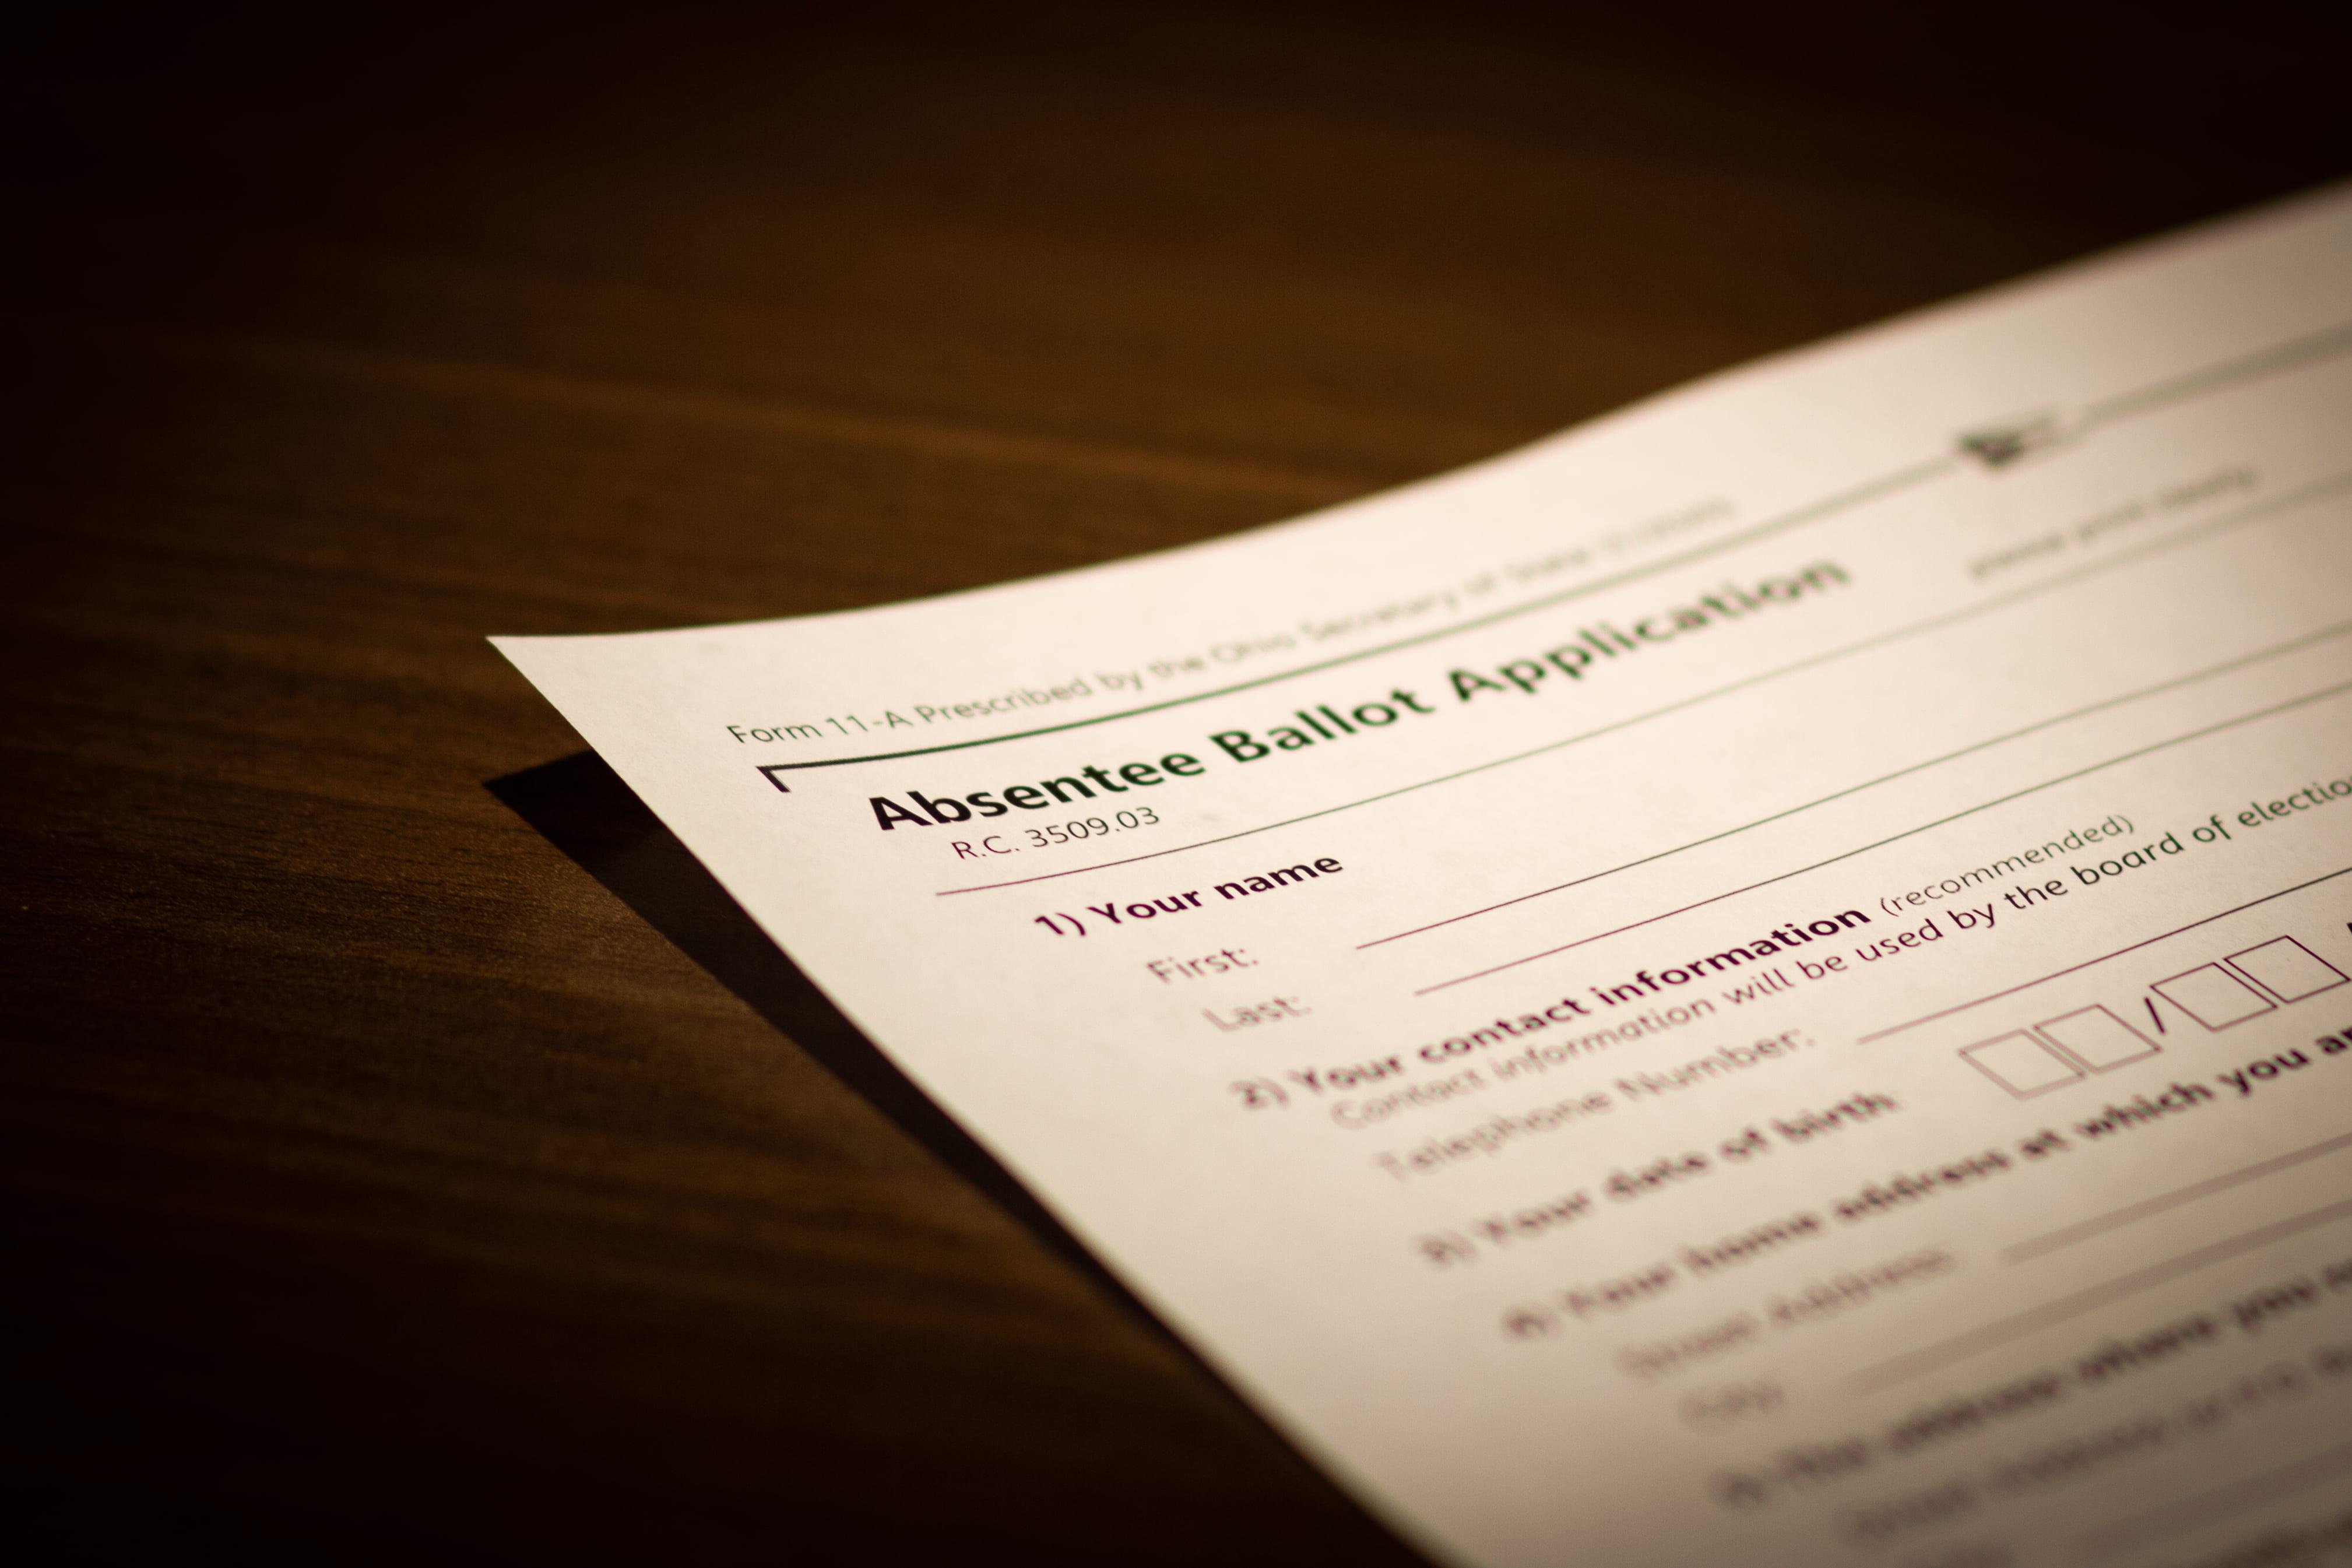 An absentee ballot application